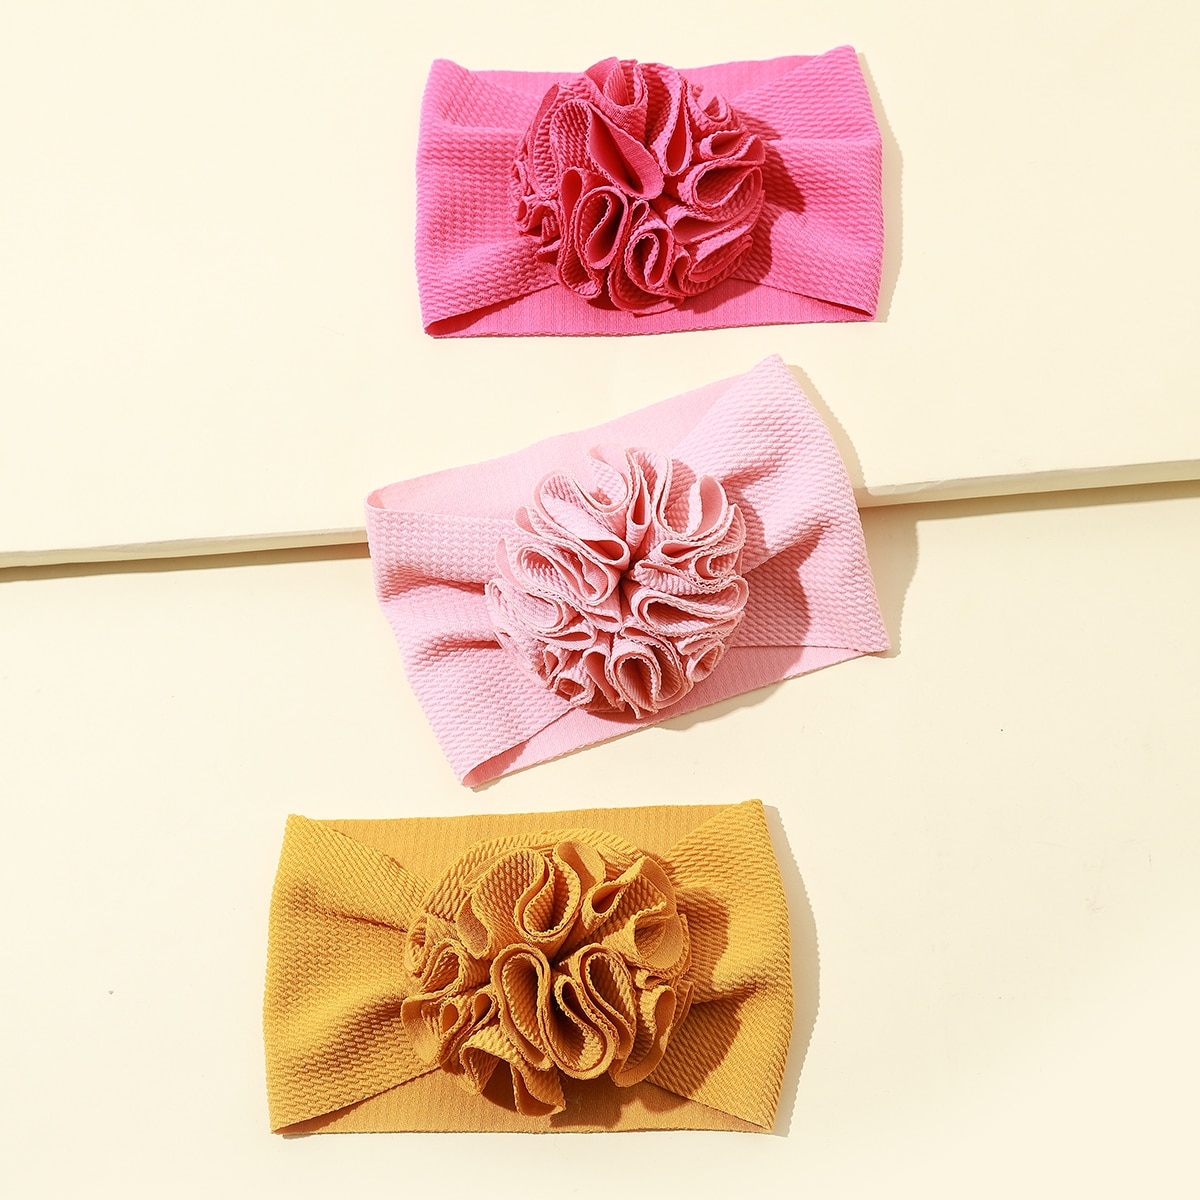 Повязка для волос с цветочным декором 3шт фото